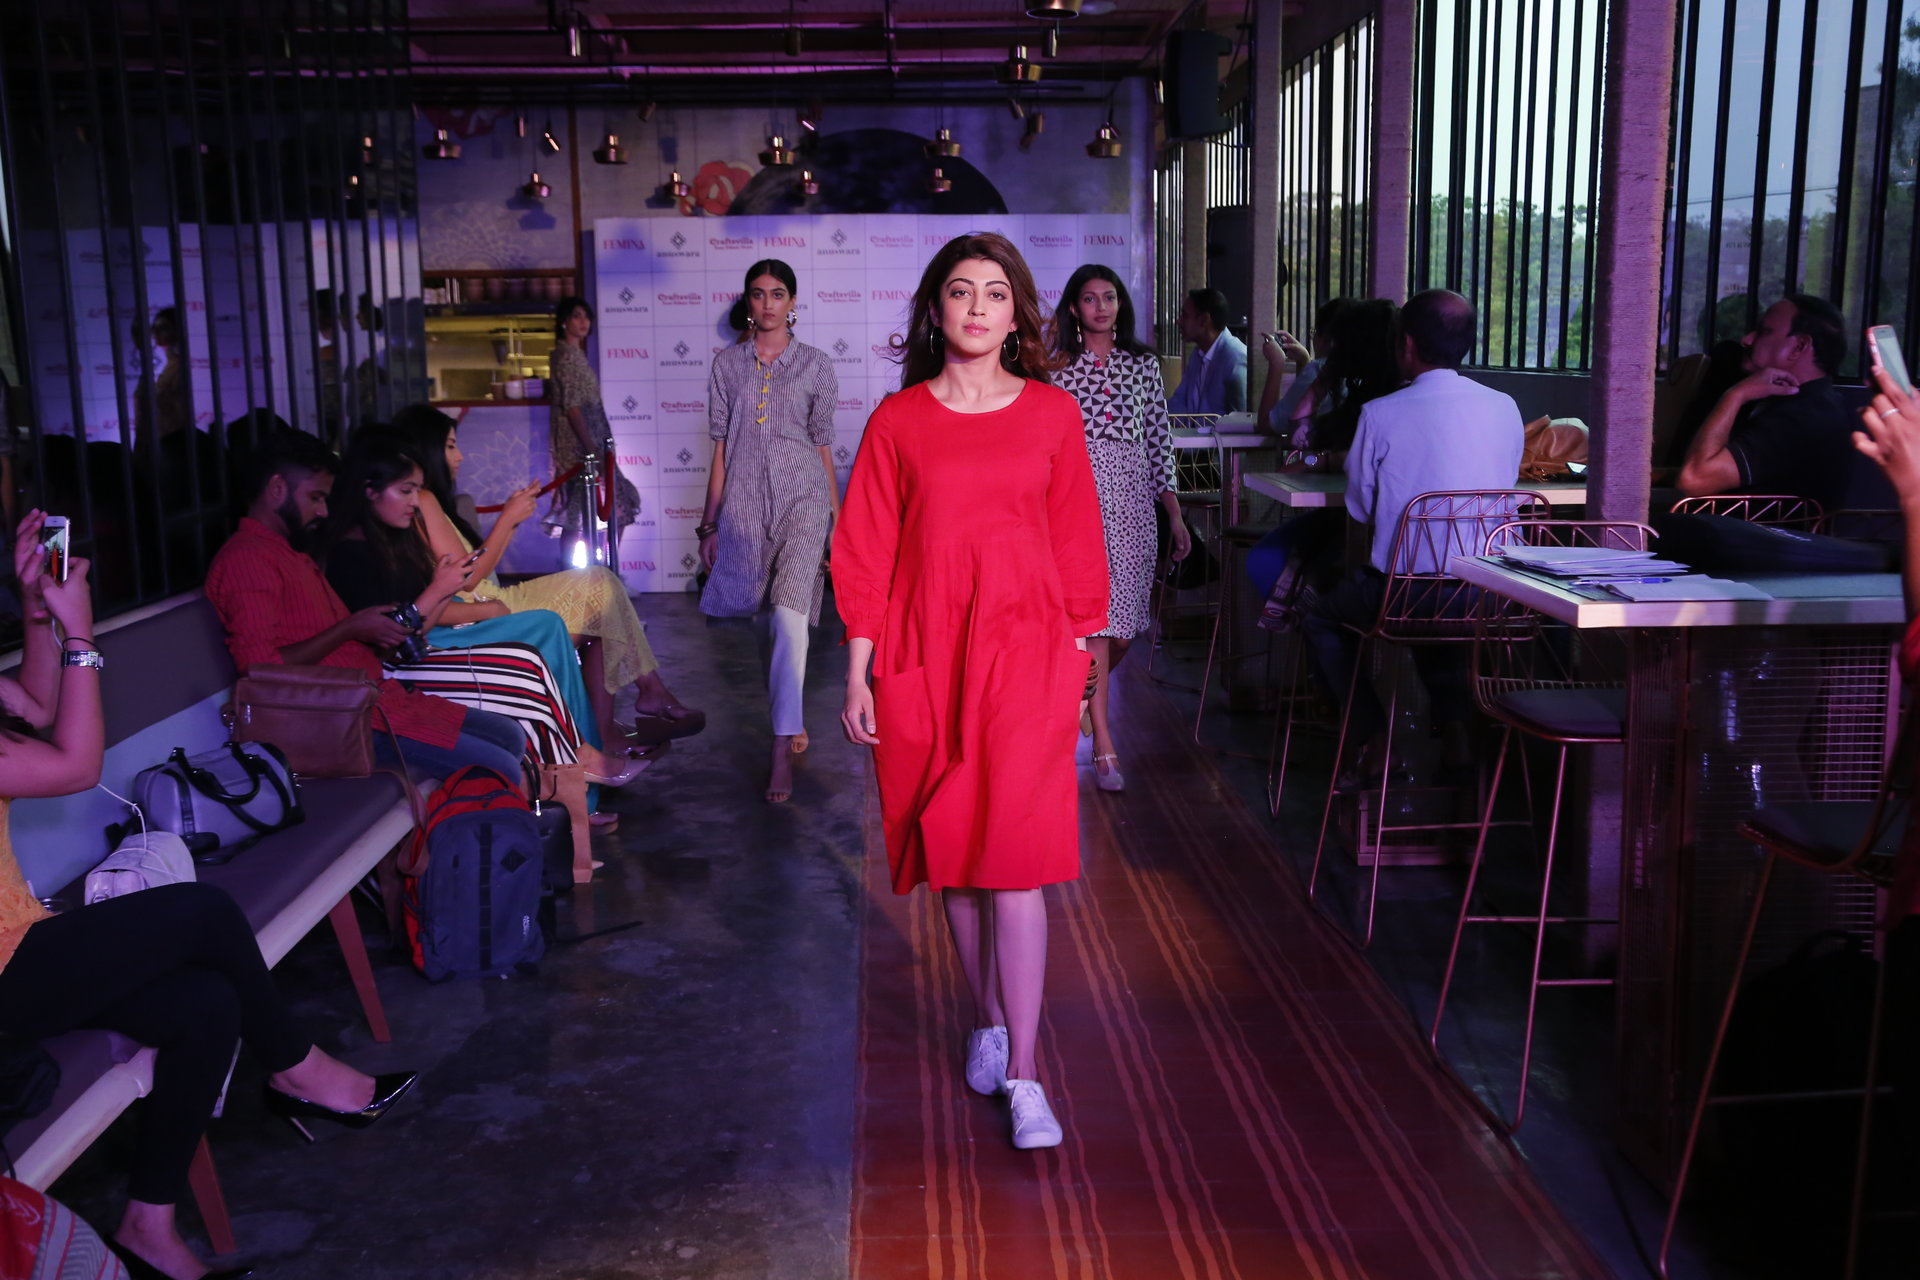 rsz_craftsvillas_anuwara_launch_-_gorgeous_pranitha_subash_walks_the_ramp_as_show_stopper_for_craftsvillas_brand_launch_anuswara__pic_no_2